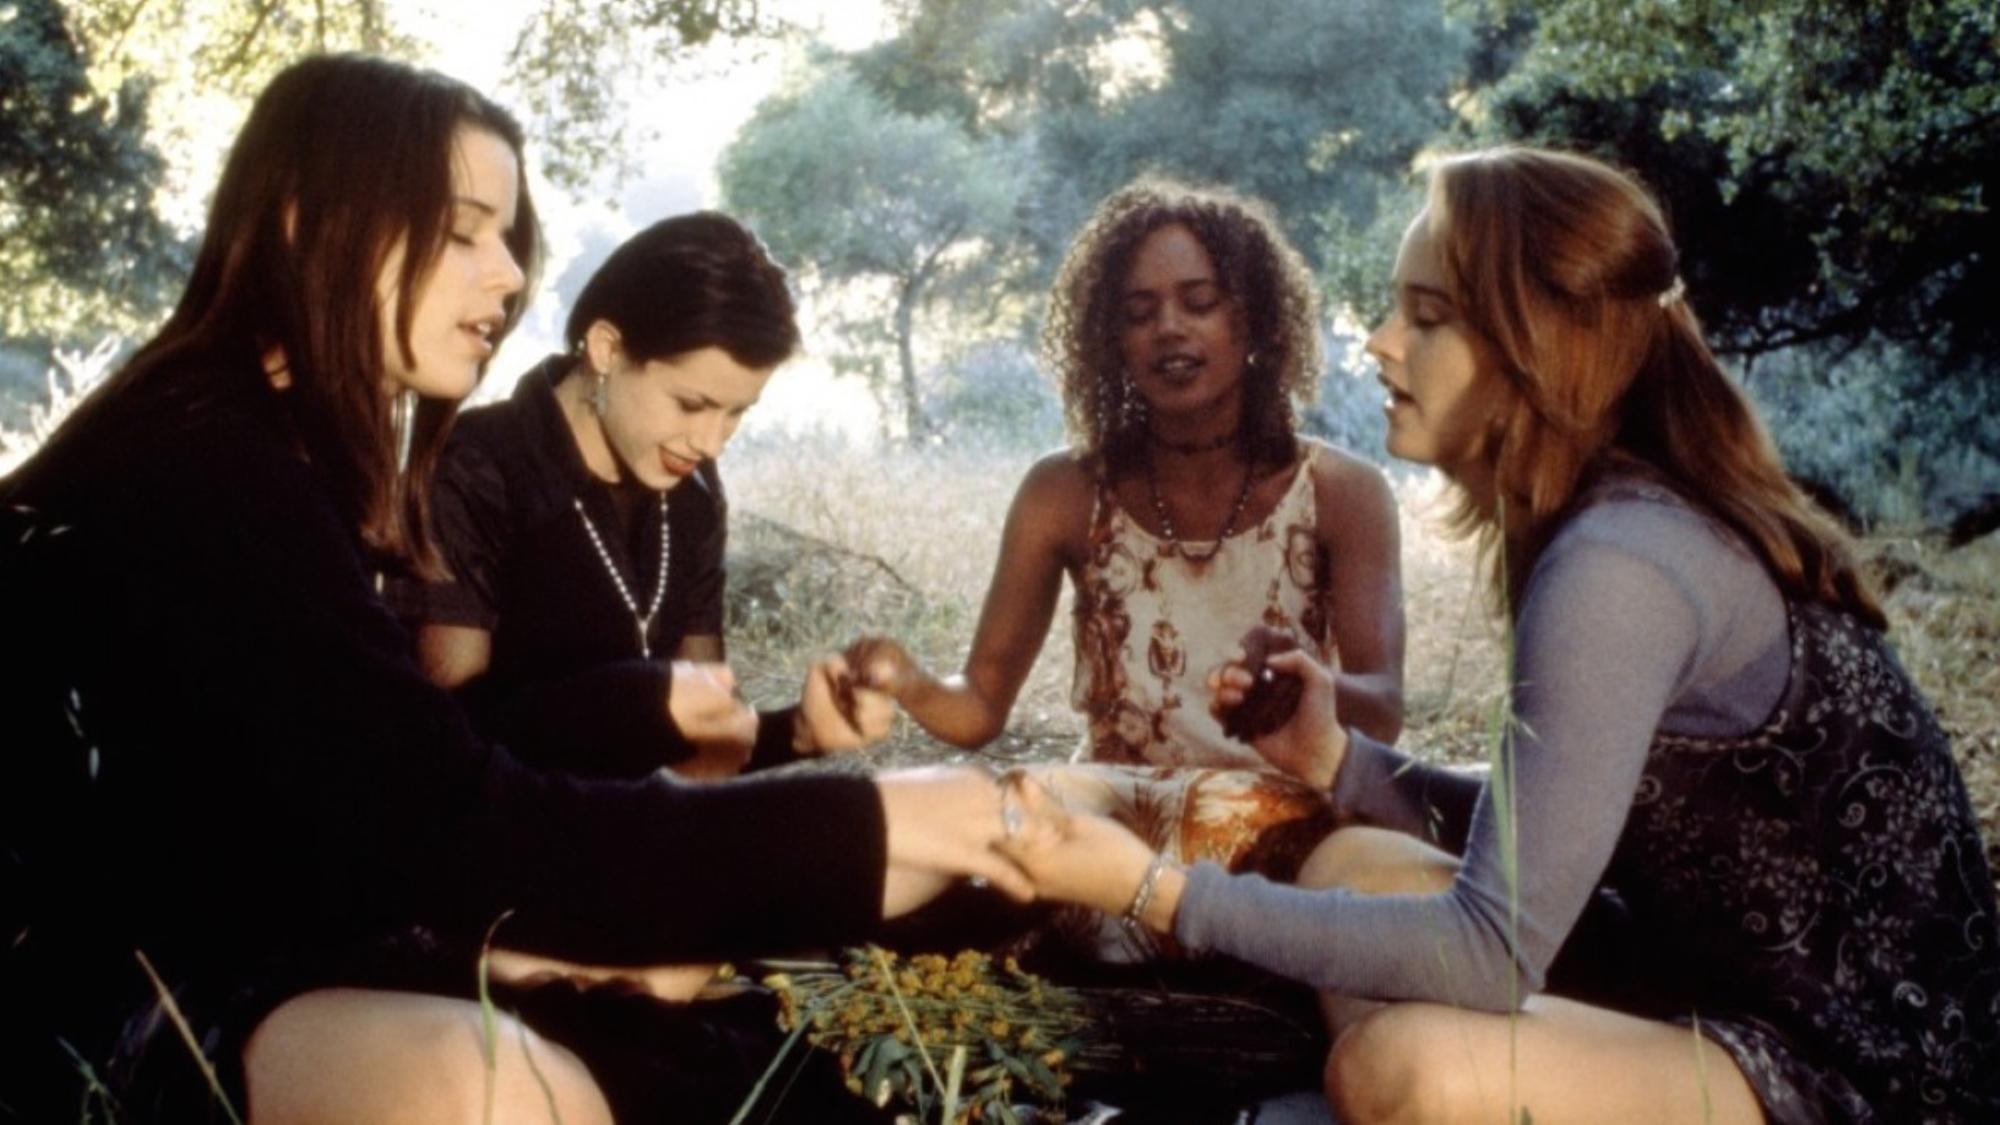 curiosidades-sobre-o-filme-jovens-bruxas-1996_1